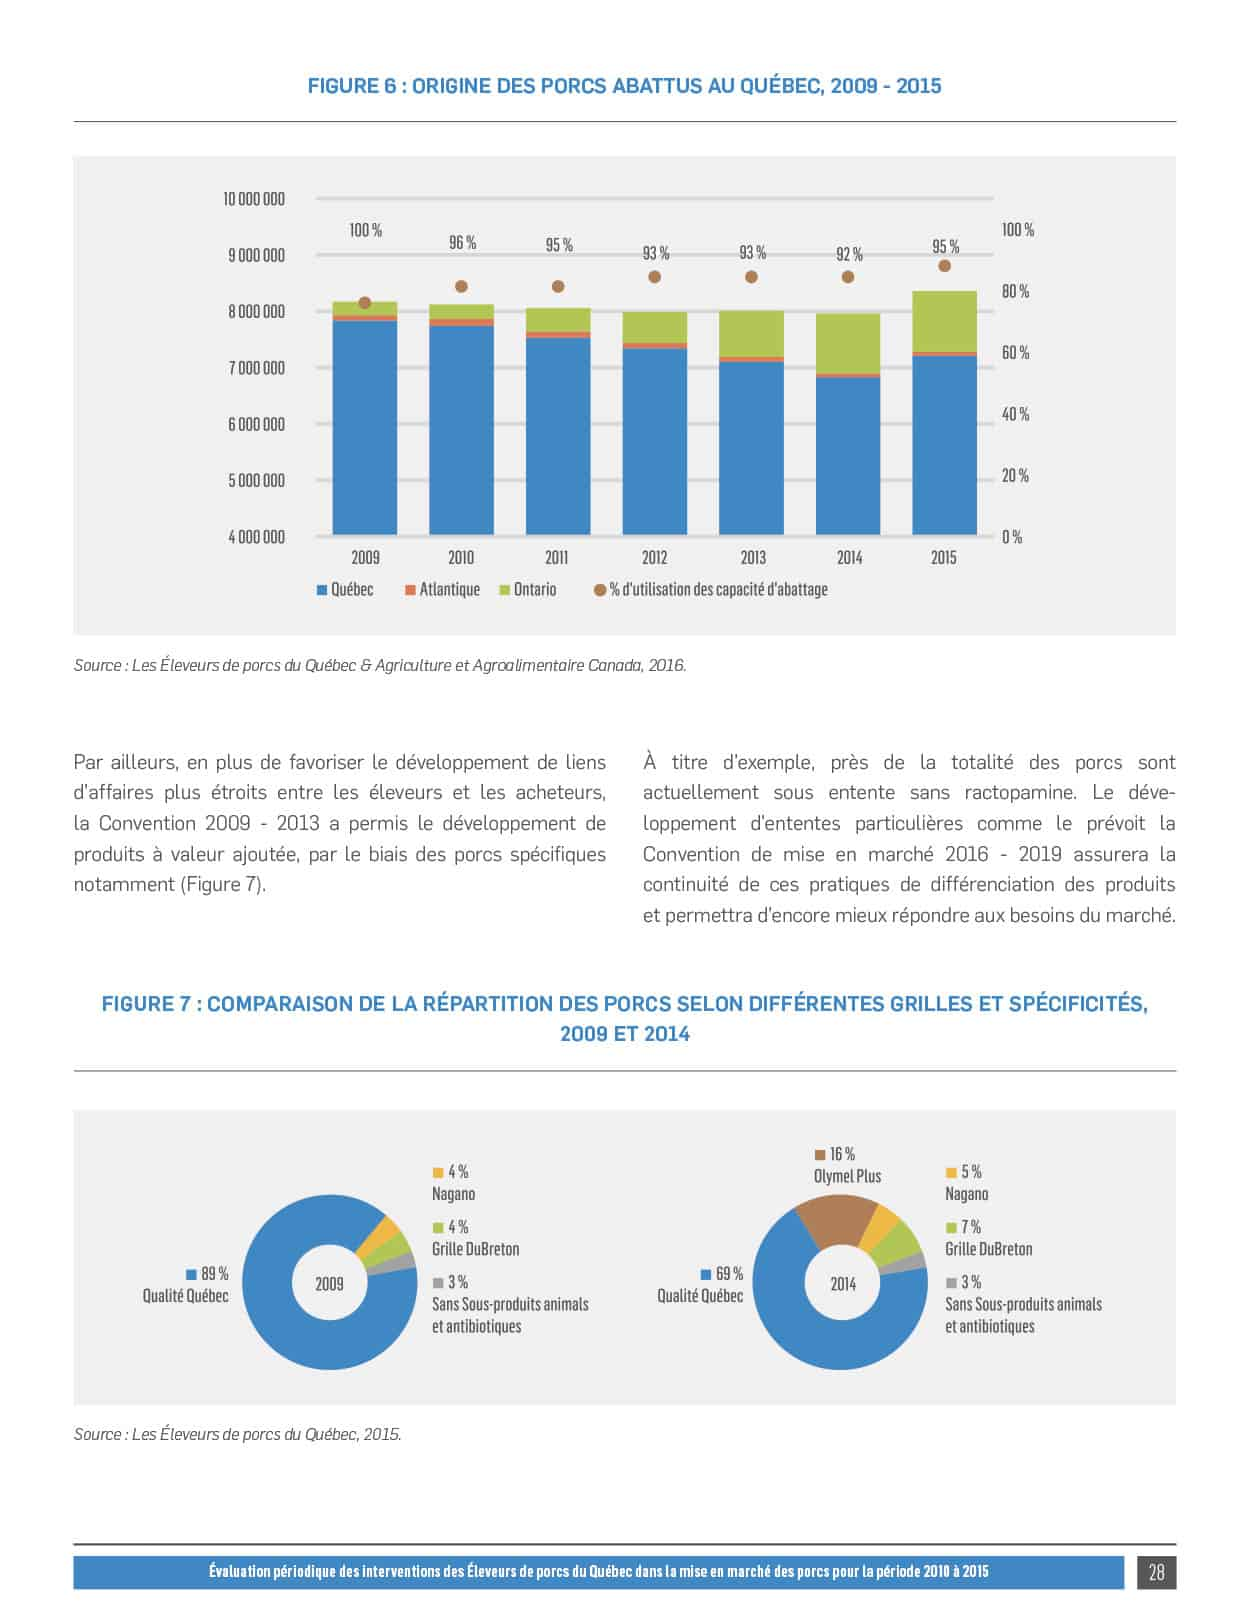 Évaluation périodique des interventions des Éleveurs de porcs du Québec dans la mise en marché des porcs pour la période 2010 à 2015